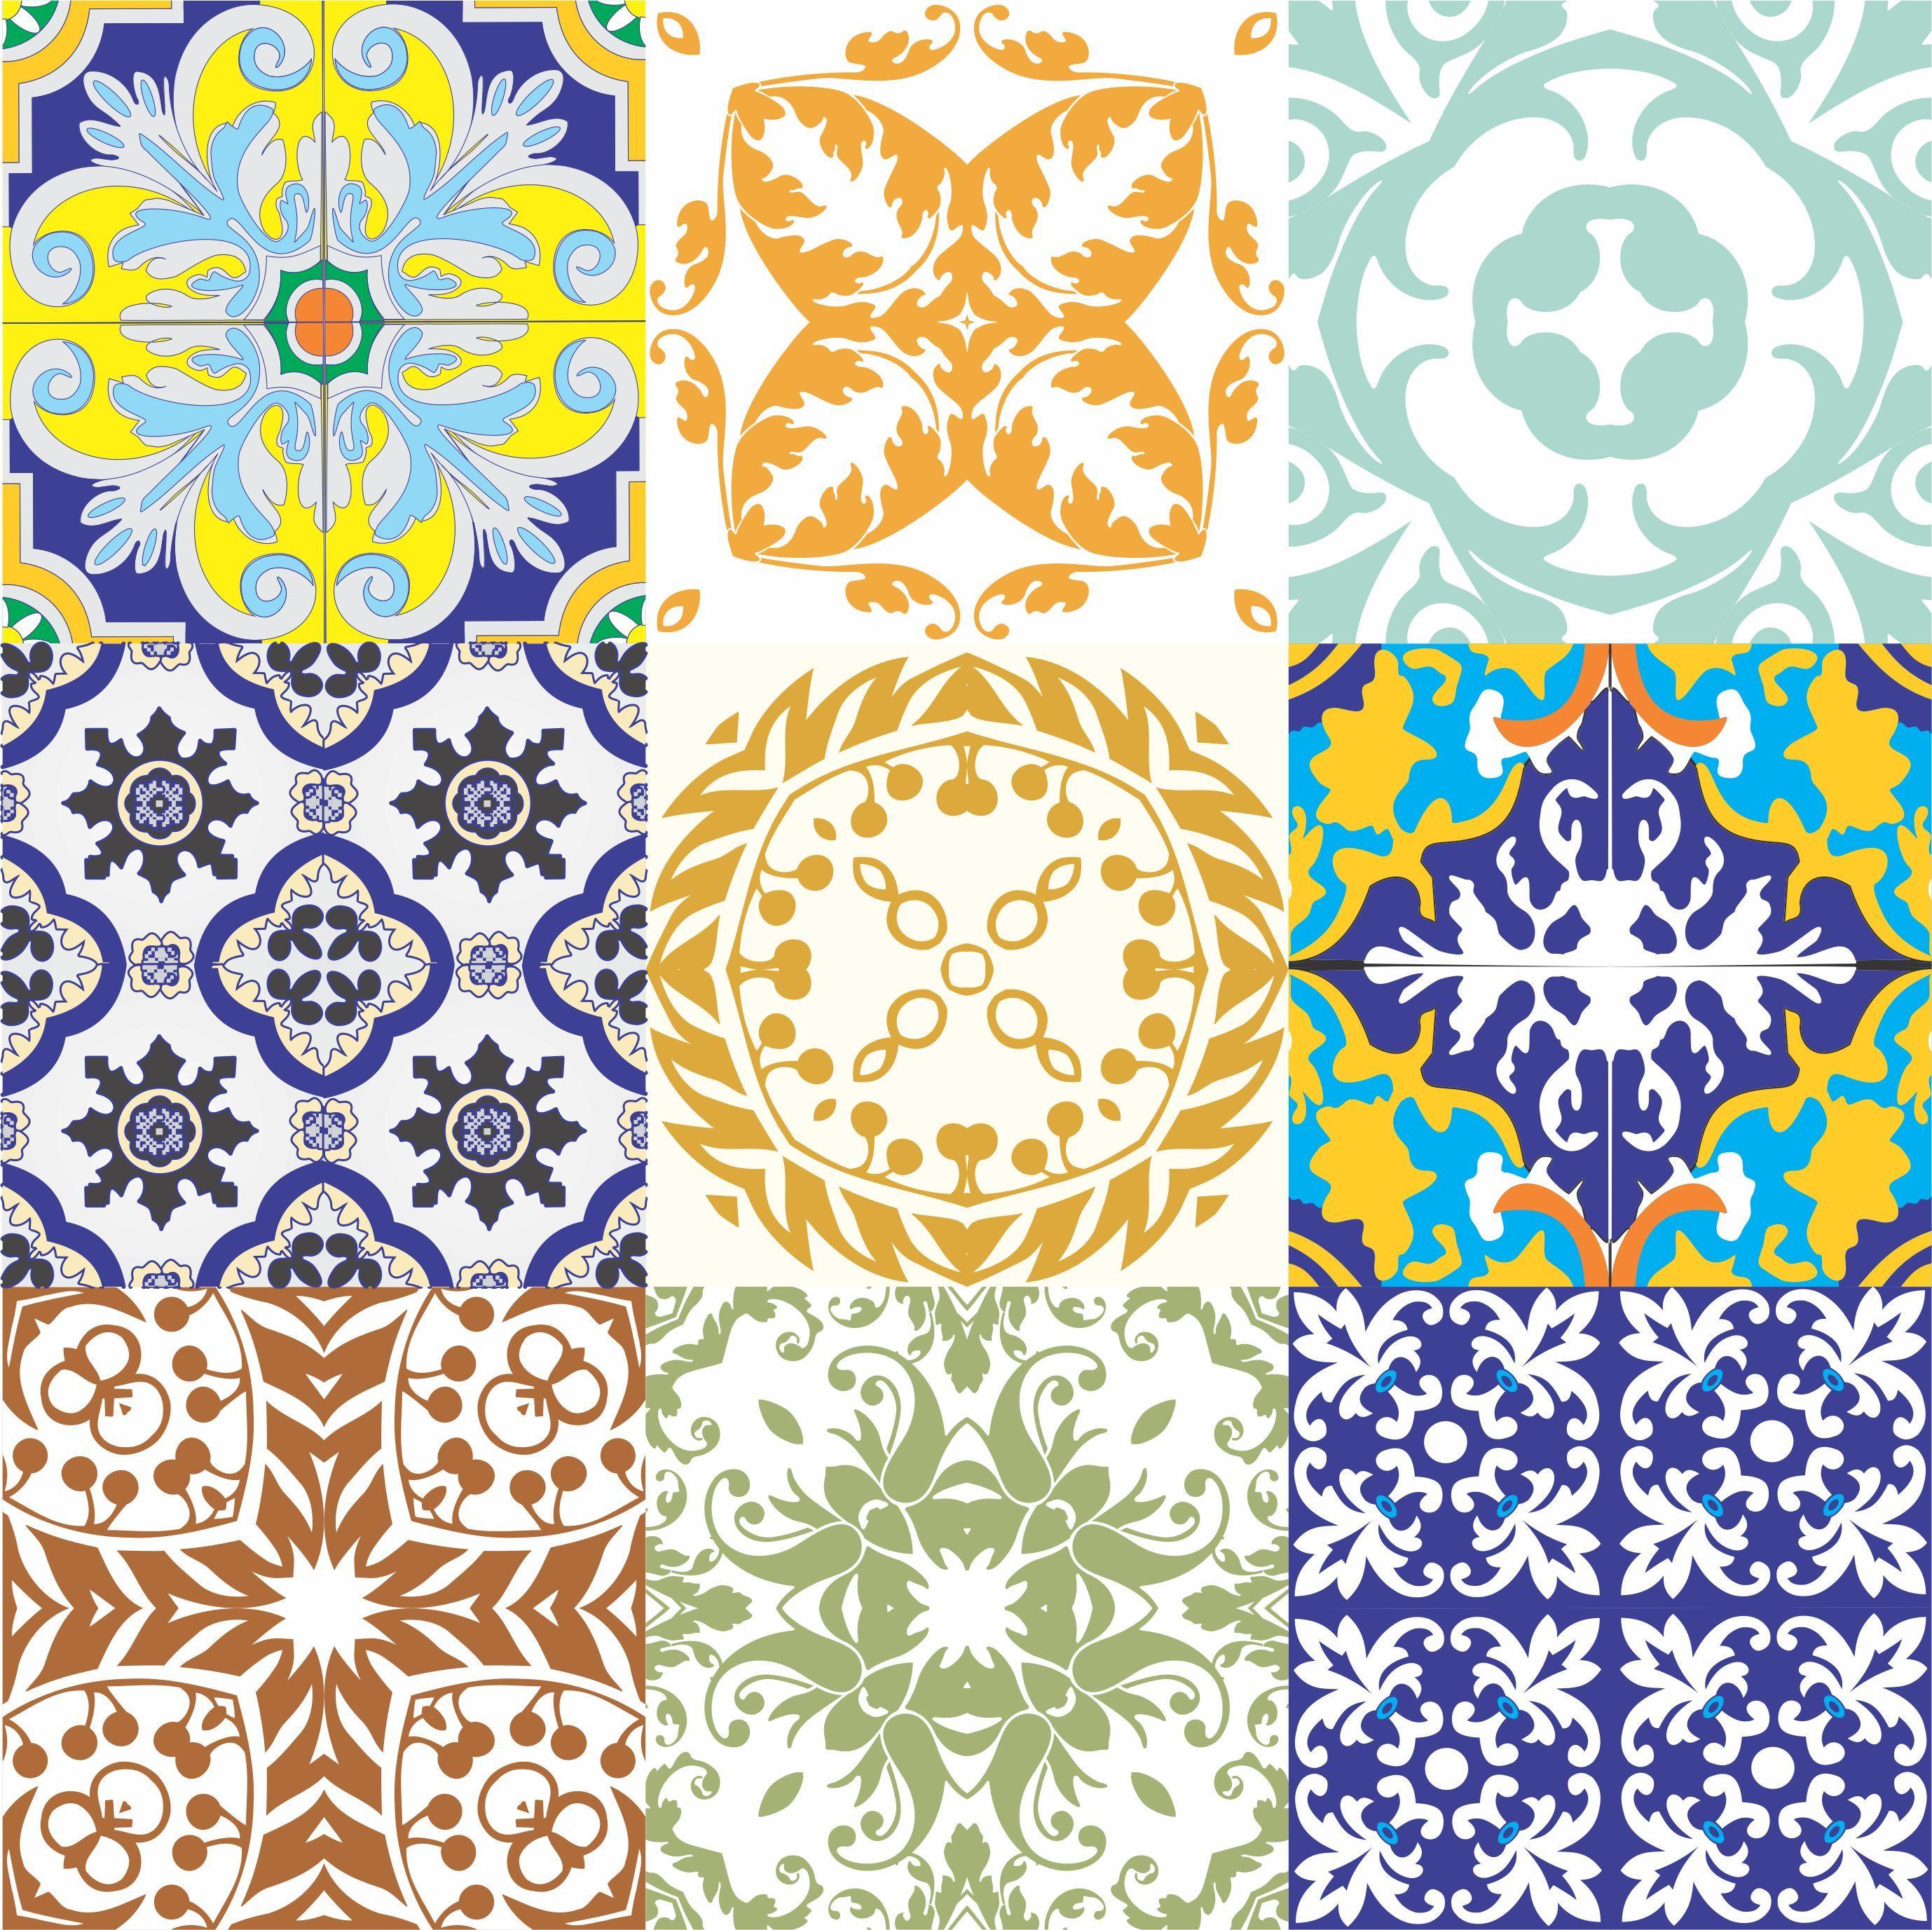 Adesivo Azulejo Antigo. Frete Grátis On The UAU! Adesivos Azulejos  #0791C4 2757x2754 Banheiro Com Adesivo De Azulejo